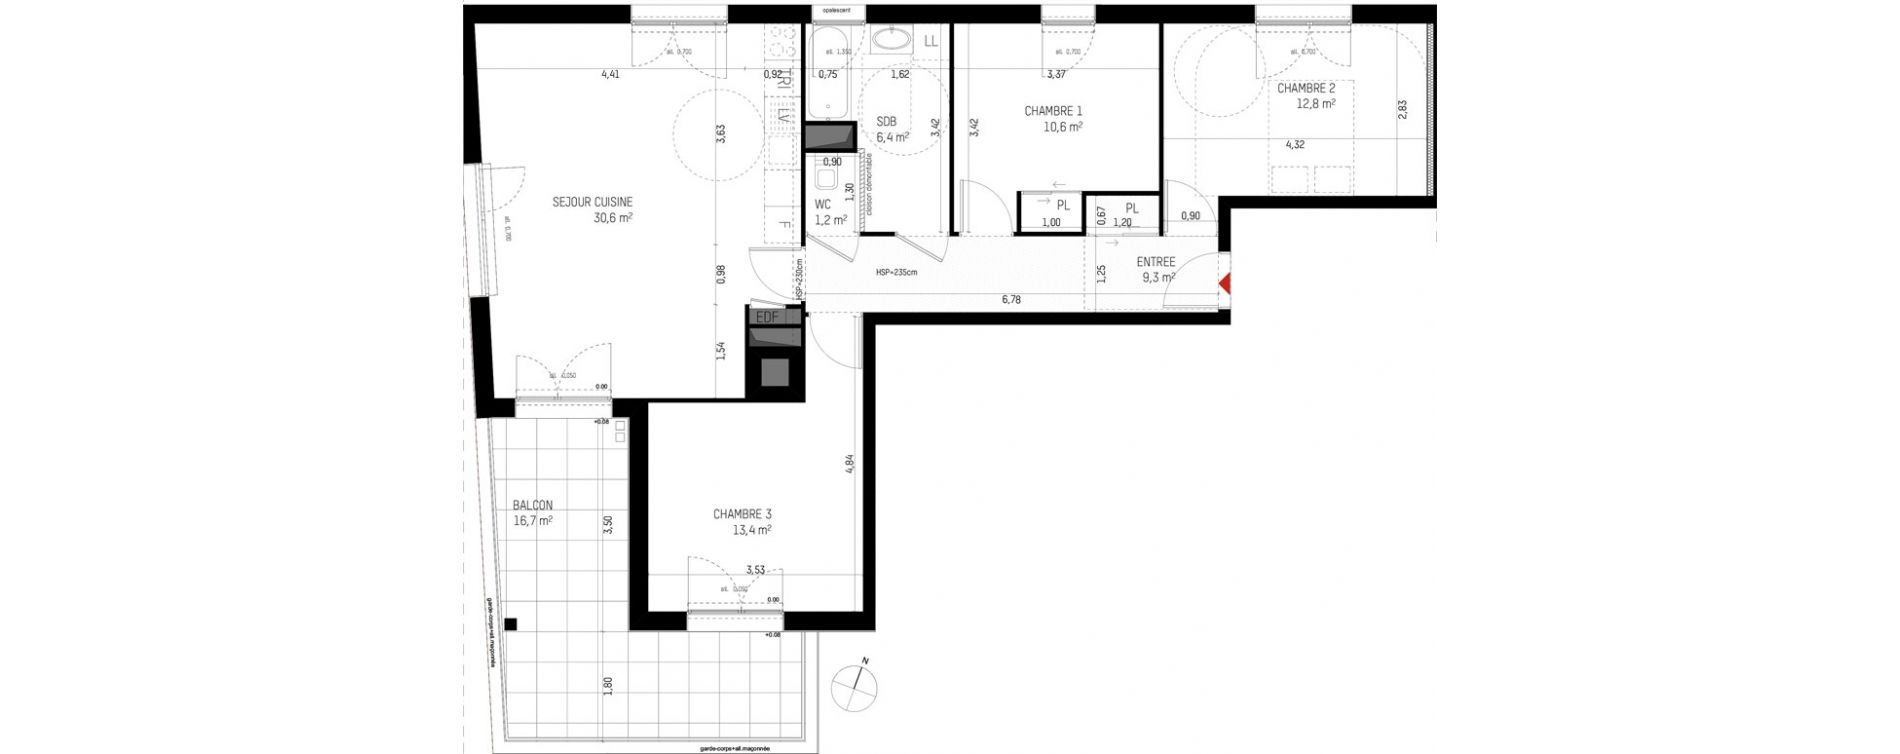 Appartement T4 de 84,30 m2 à Cesson-Sévigné Viasilva